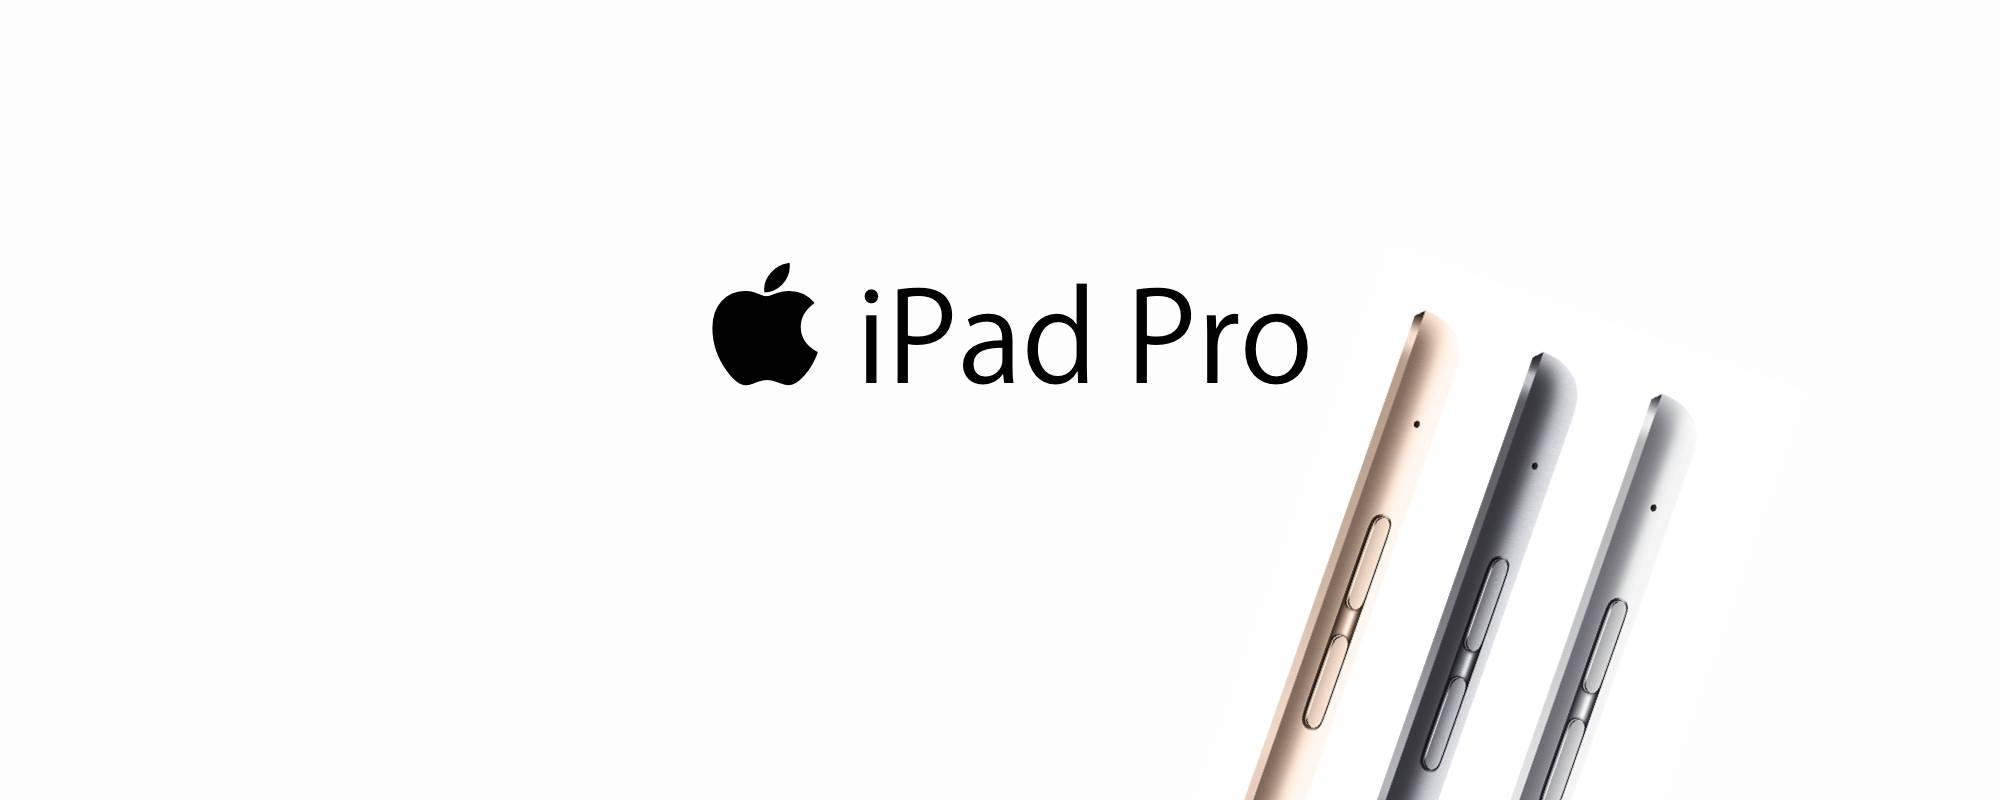 iPad Pro может стать более толстым в 2017 году